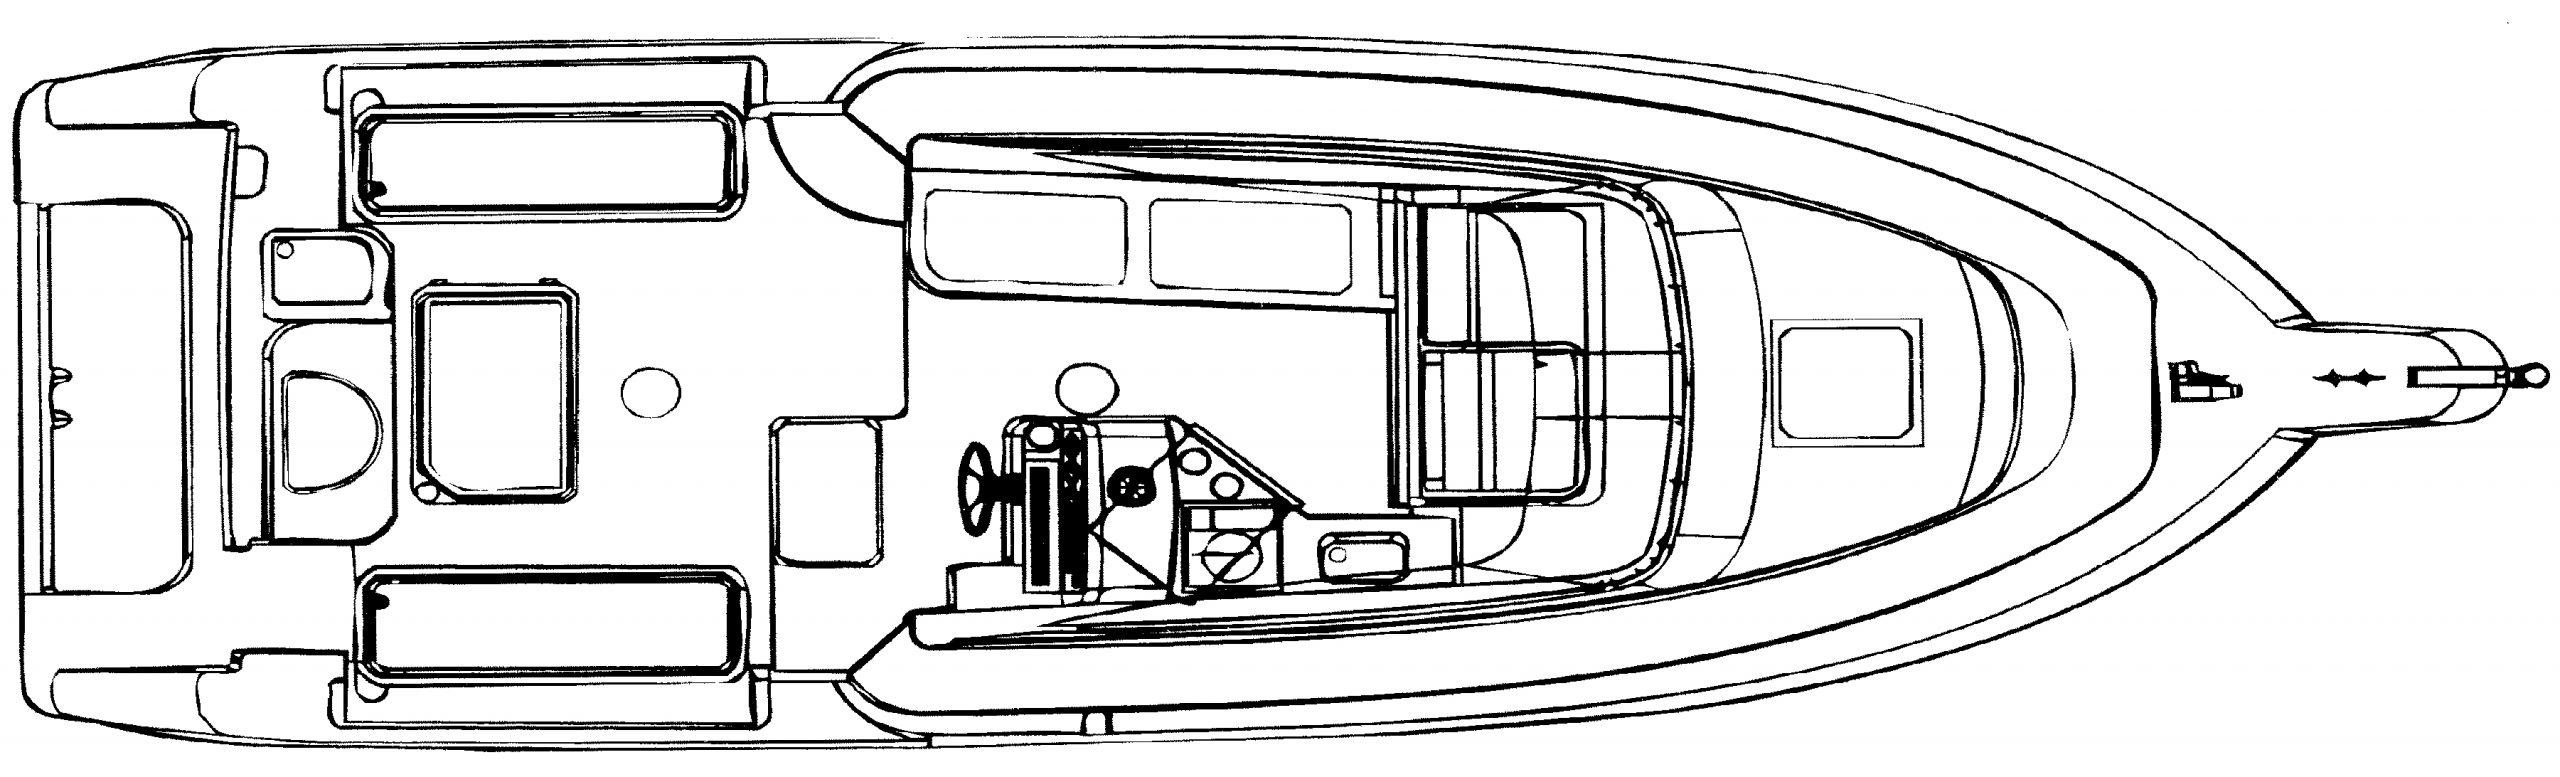 27 Express Floor Plan 1